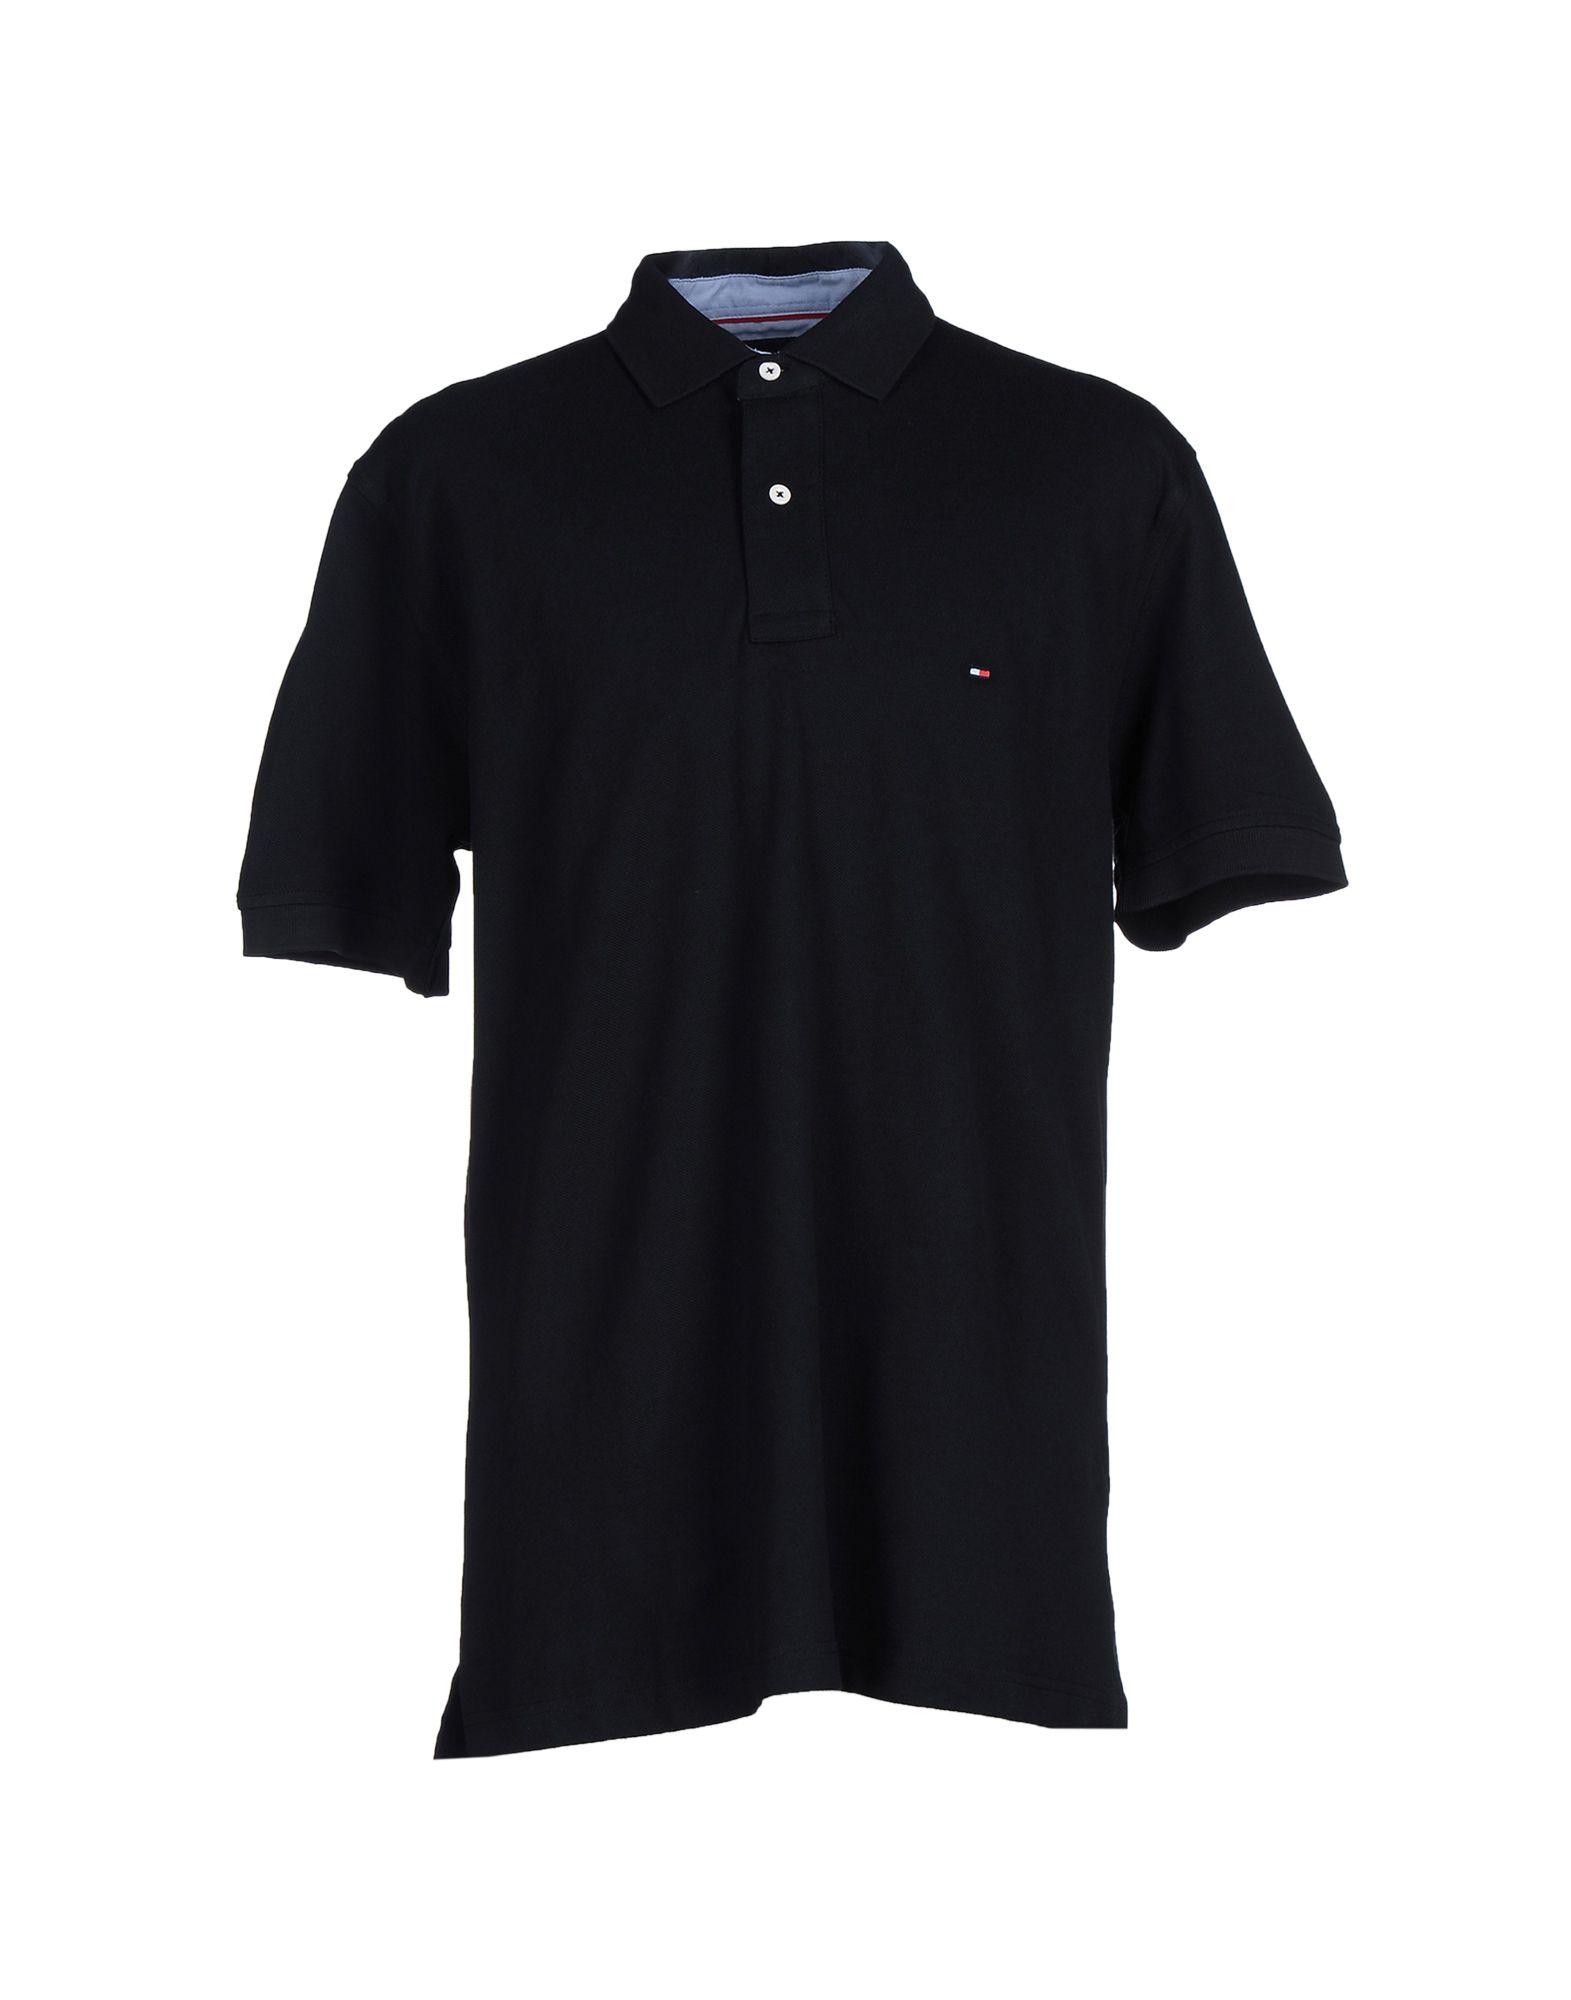 tommy hilfiger polo shirt in black for men lyst. Black Bedroom Furniture Sets. Home Design Ideas